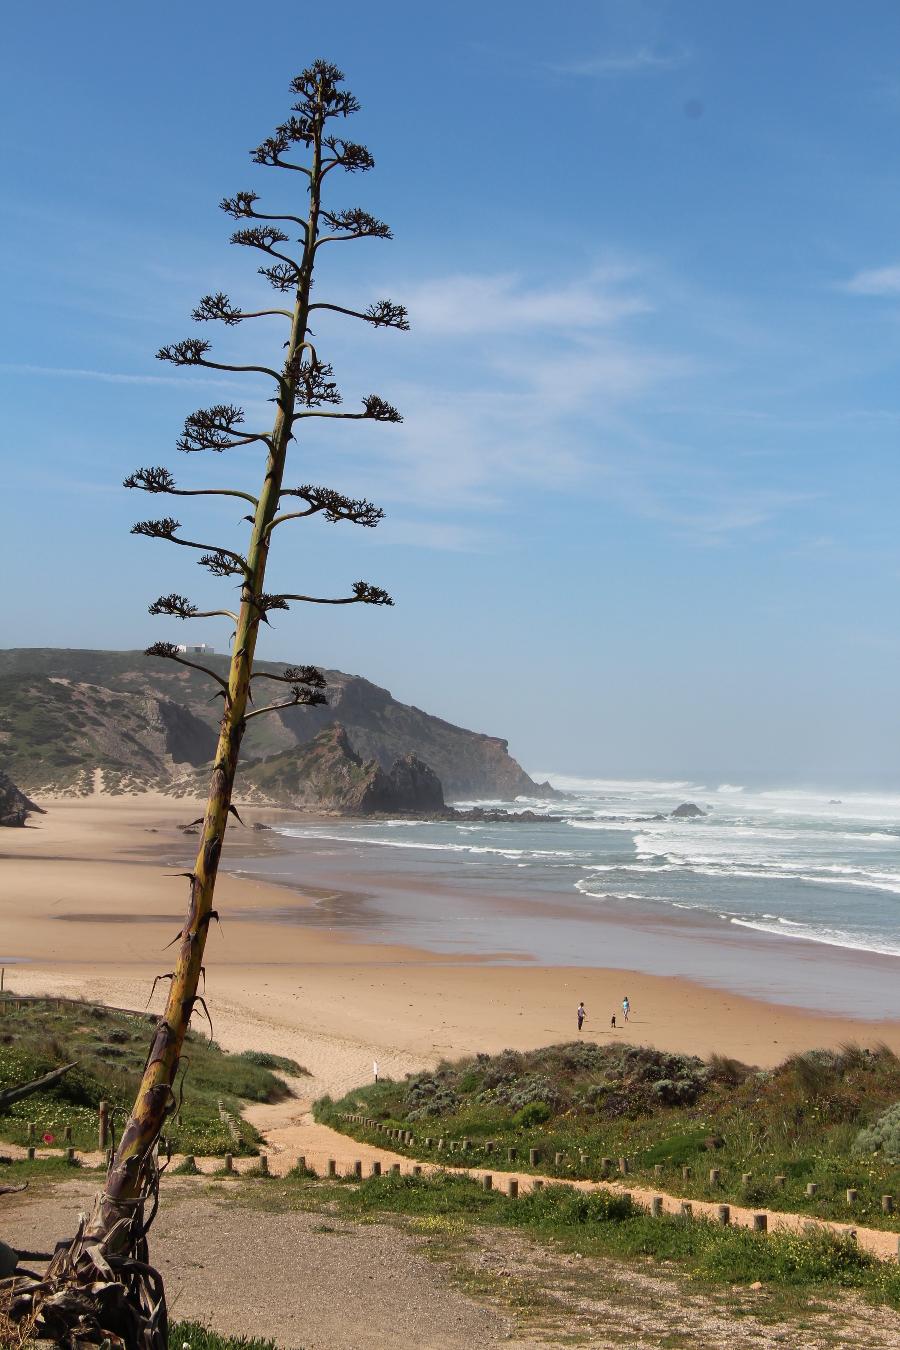 Strand Amado bei Carrapateira, Algarve